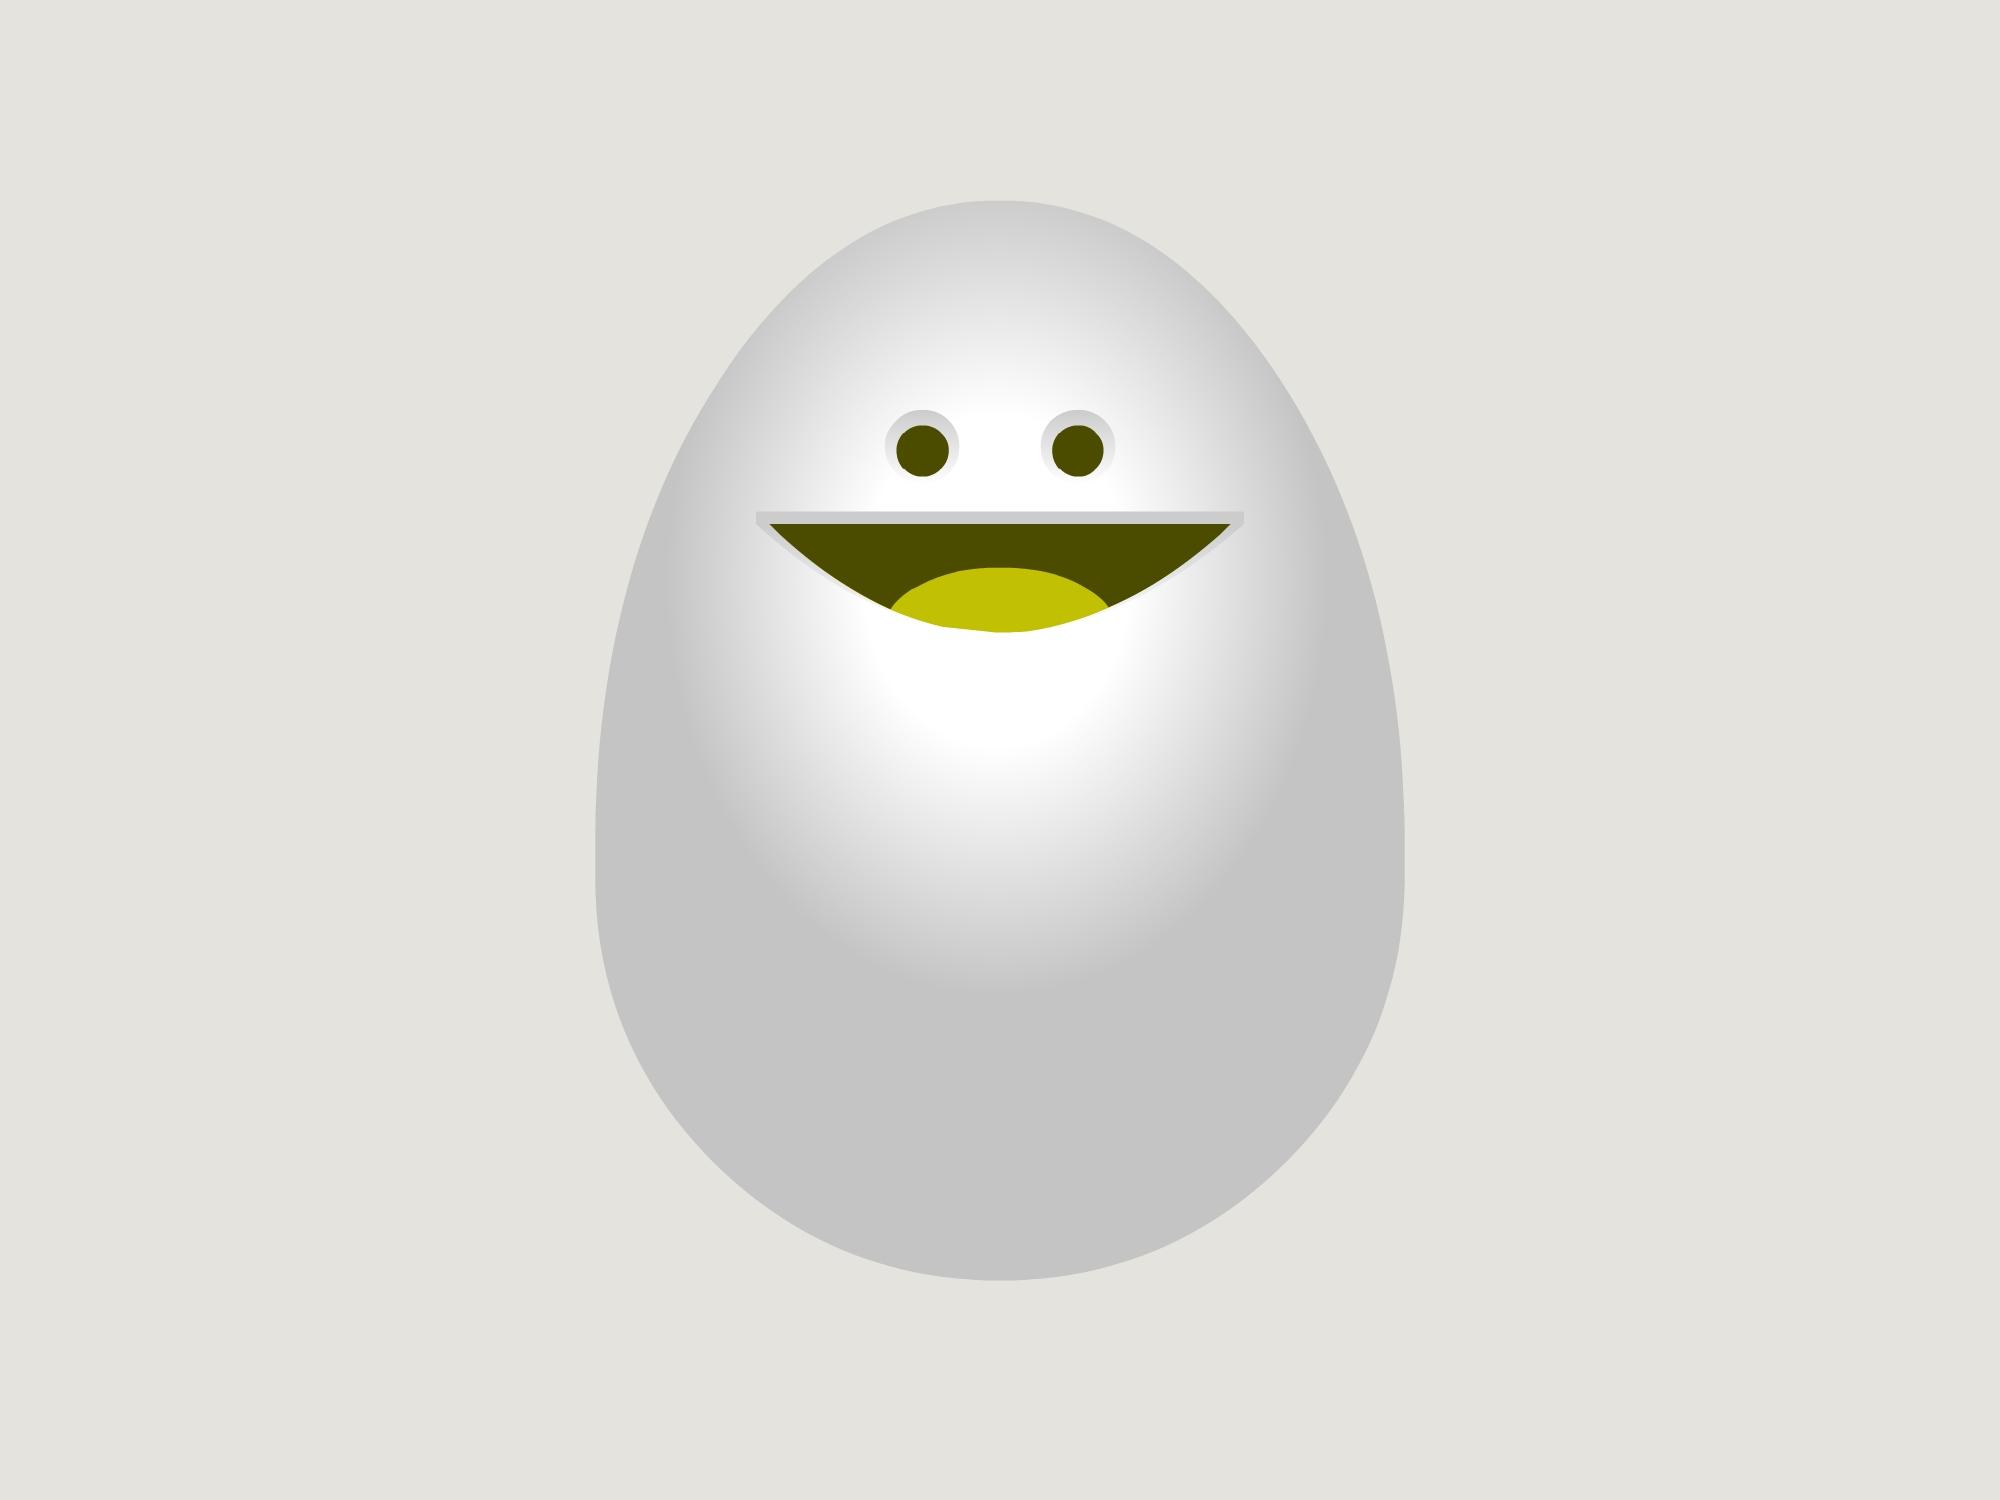 Hannaford_Egg_JoshBrill.jpg